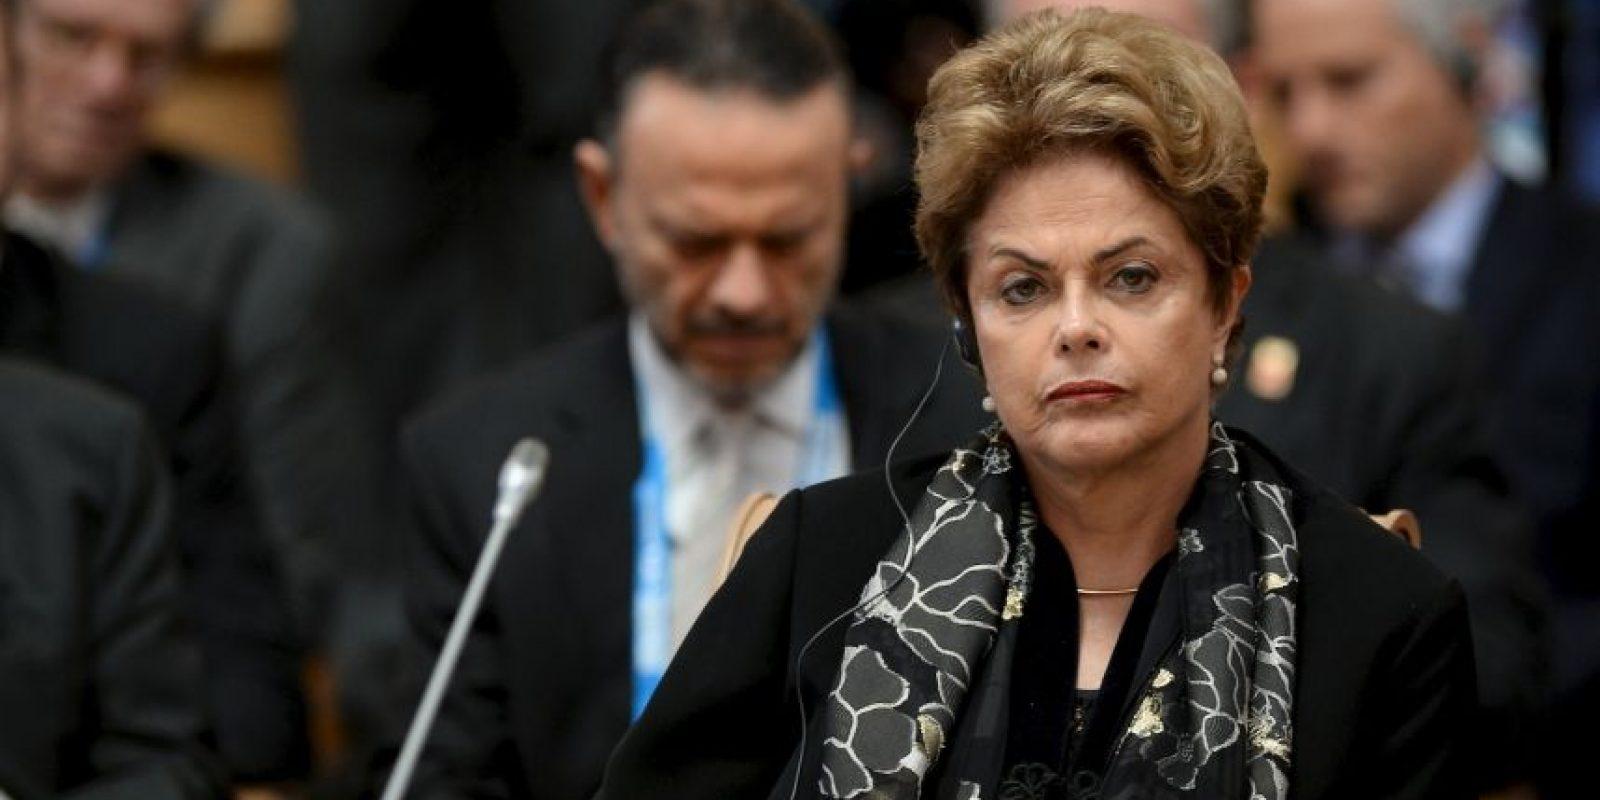 Adquiriendo el cargo del expresidente Luiz Inácio Lula da Silva. Foto:Getty Images